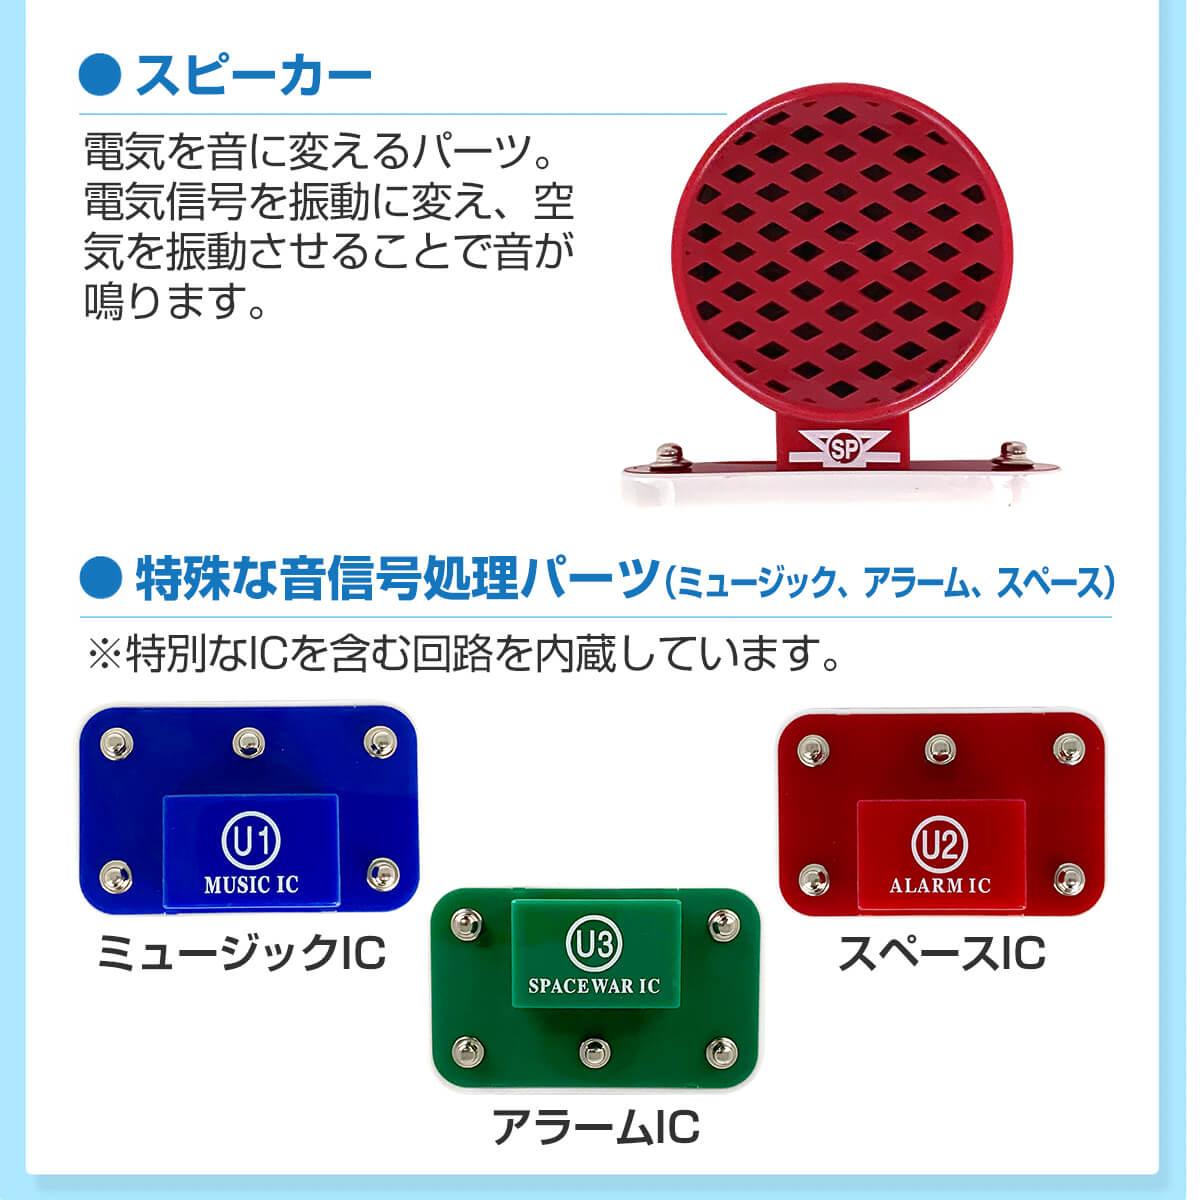 スピーカーや特殊な音声信号パーツ